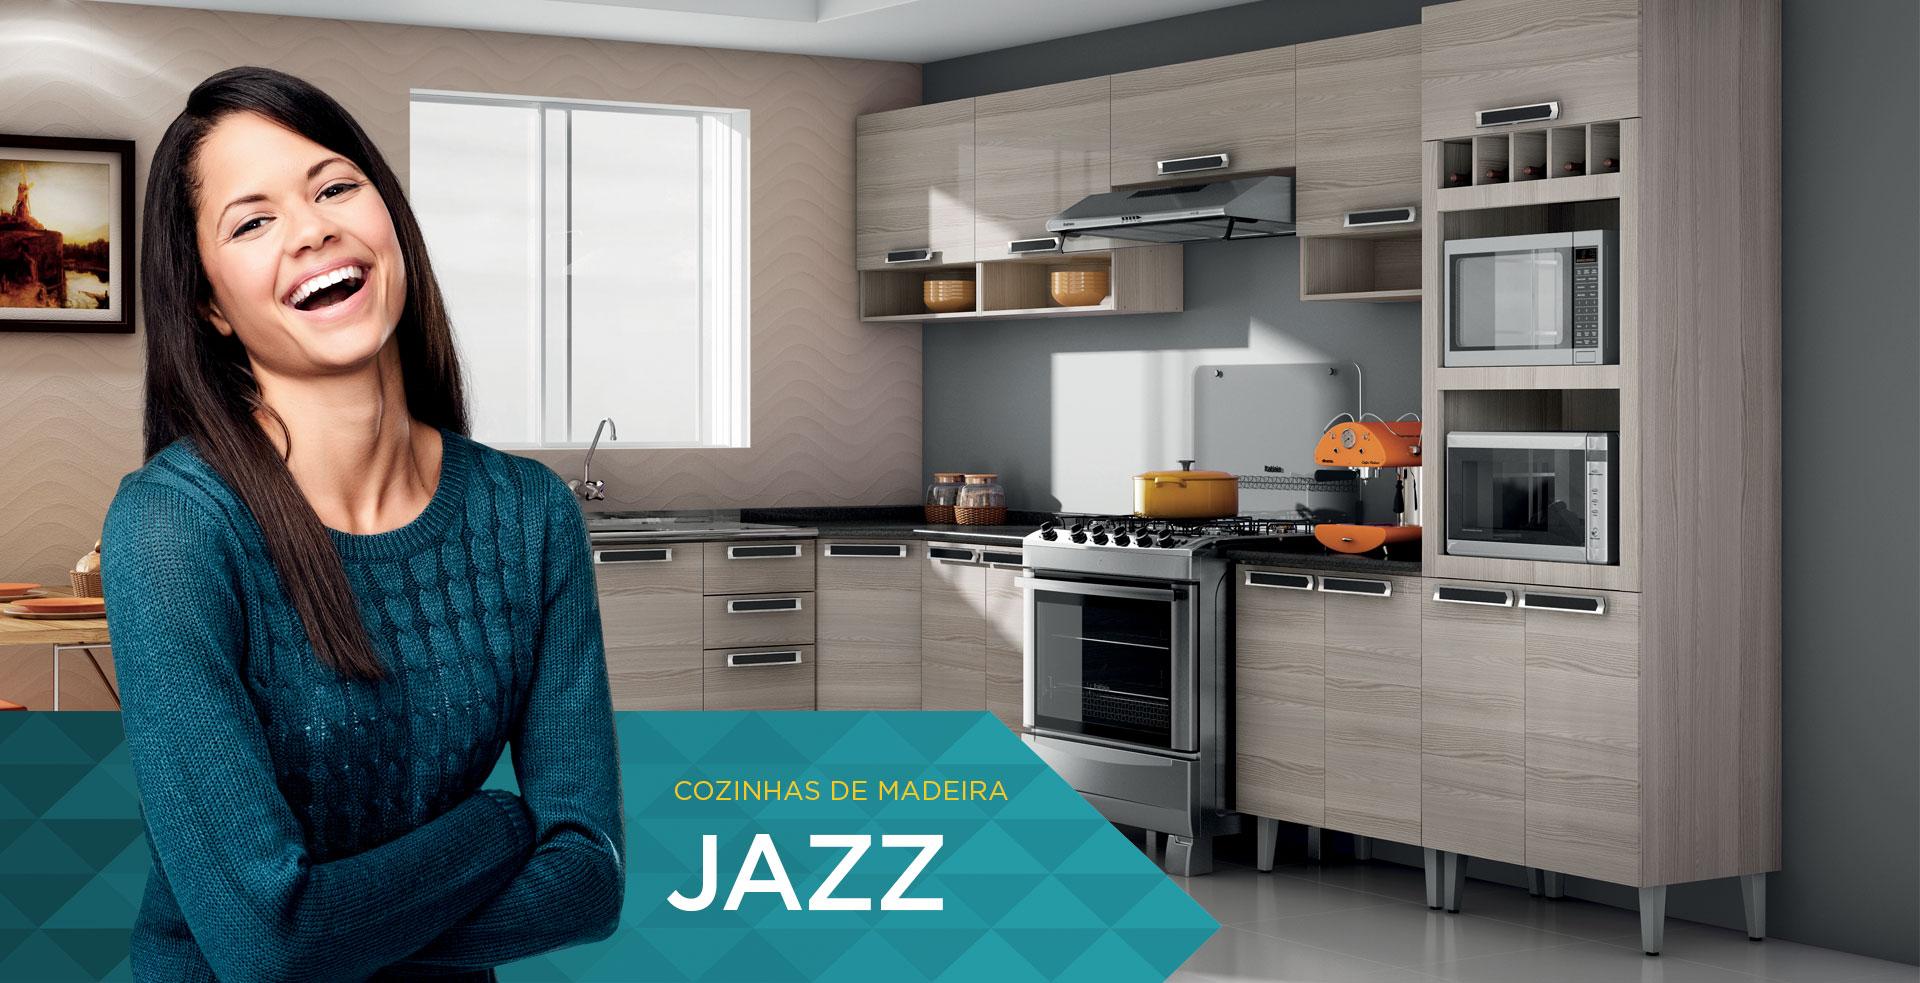 Cozinhas de Madeira Jazz Cozinhas Itatiaia #134B5E 1920x983